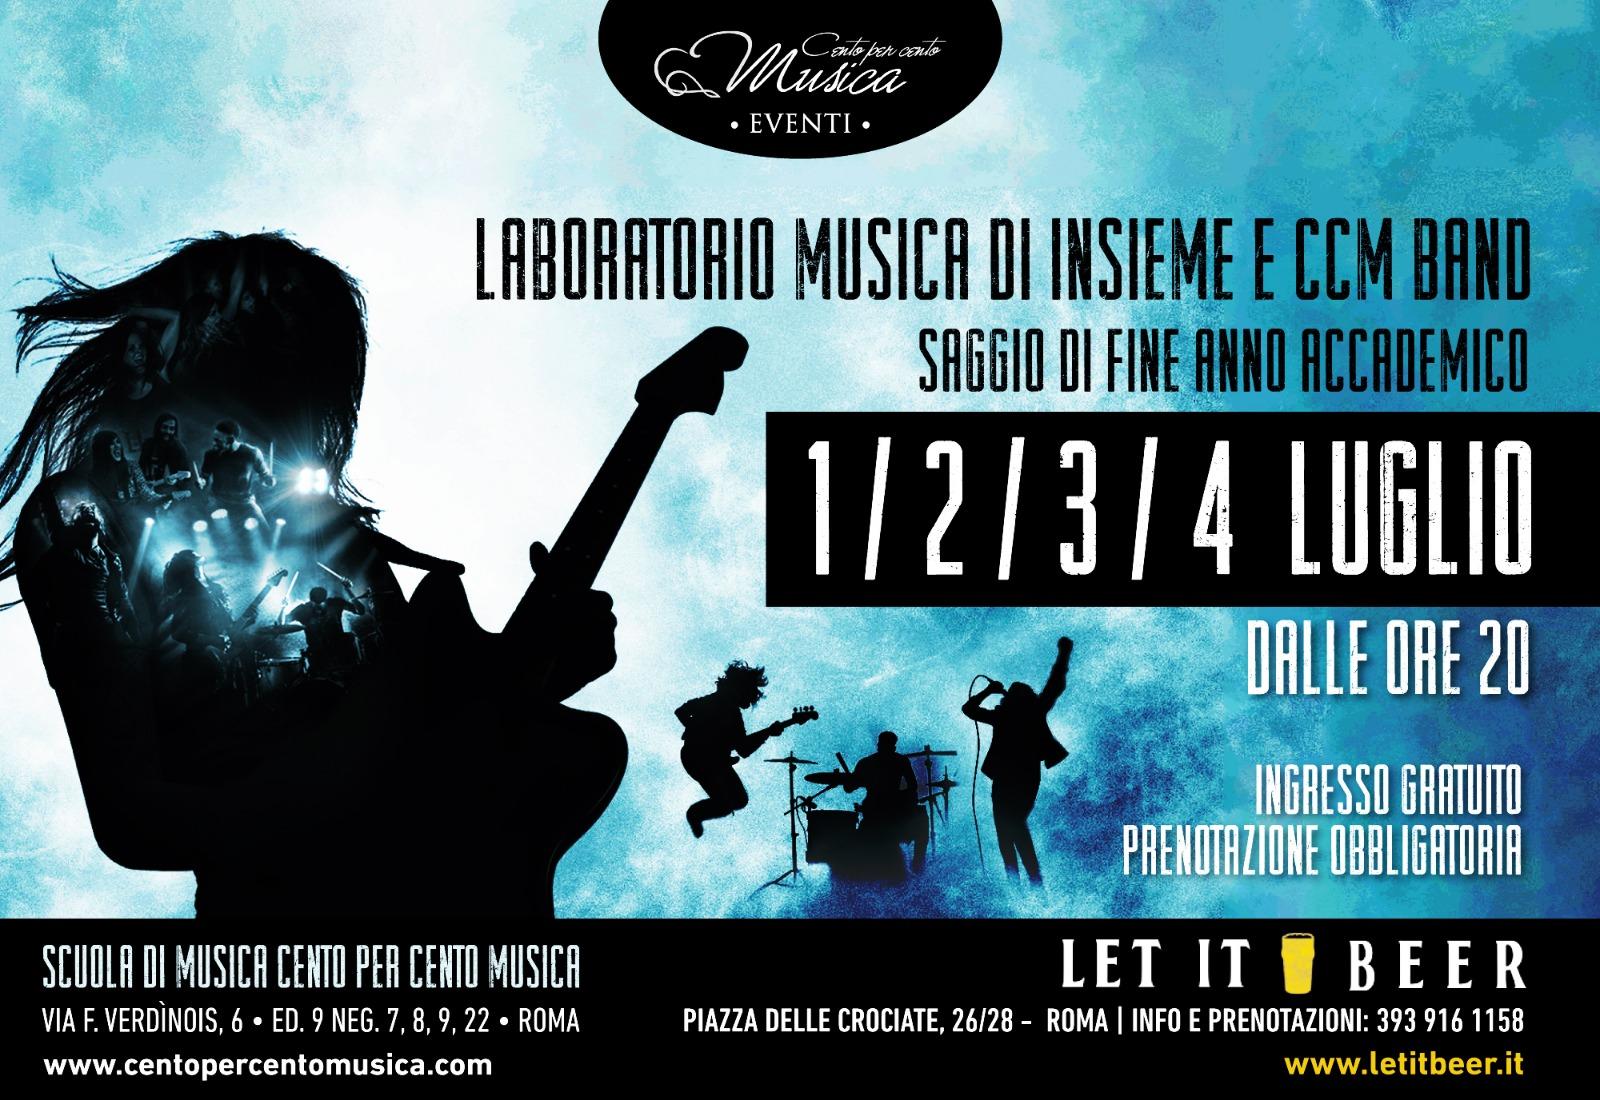 saggio laboratorio musica insieme - cento per cento musica roma